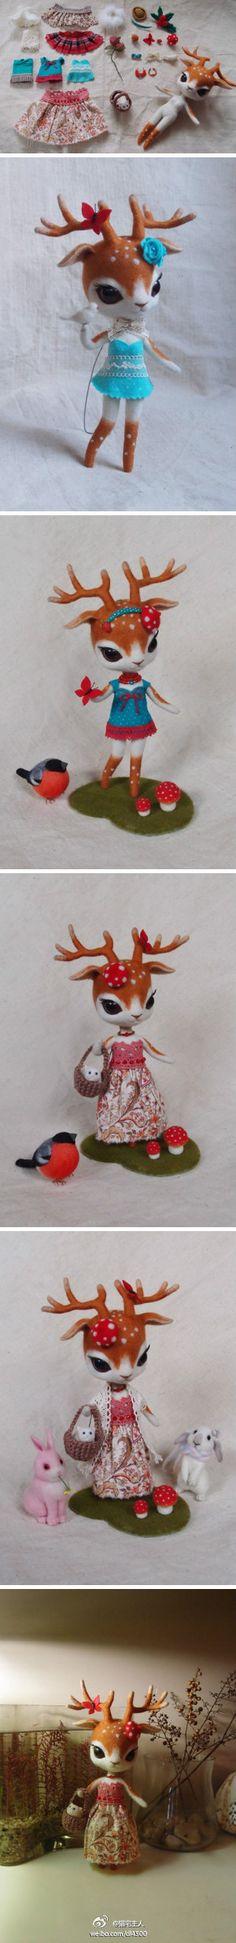 felt deer Ruby...way too trippy and cute too...